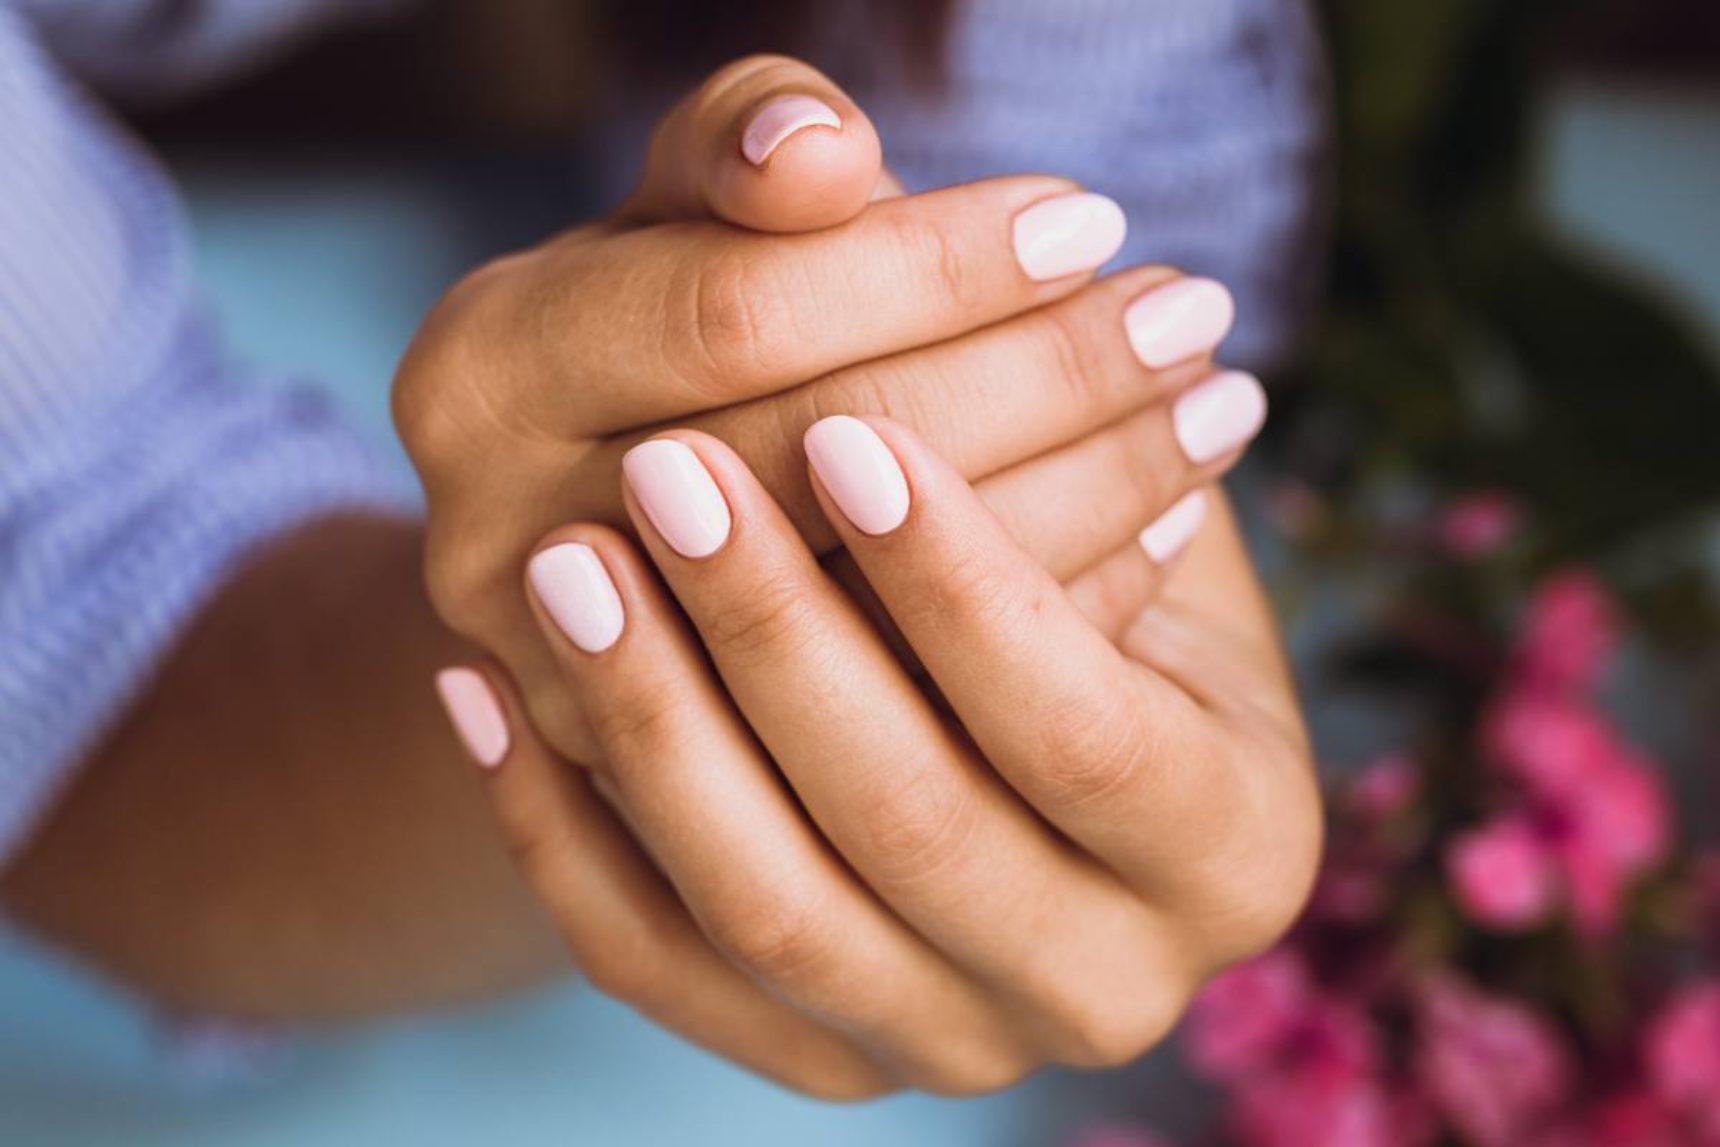 Spraw, aby twoje paznokcie były mocne i zdrowe. Wybierz odpowiednie witaminy na paznokcie